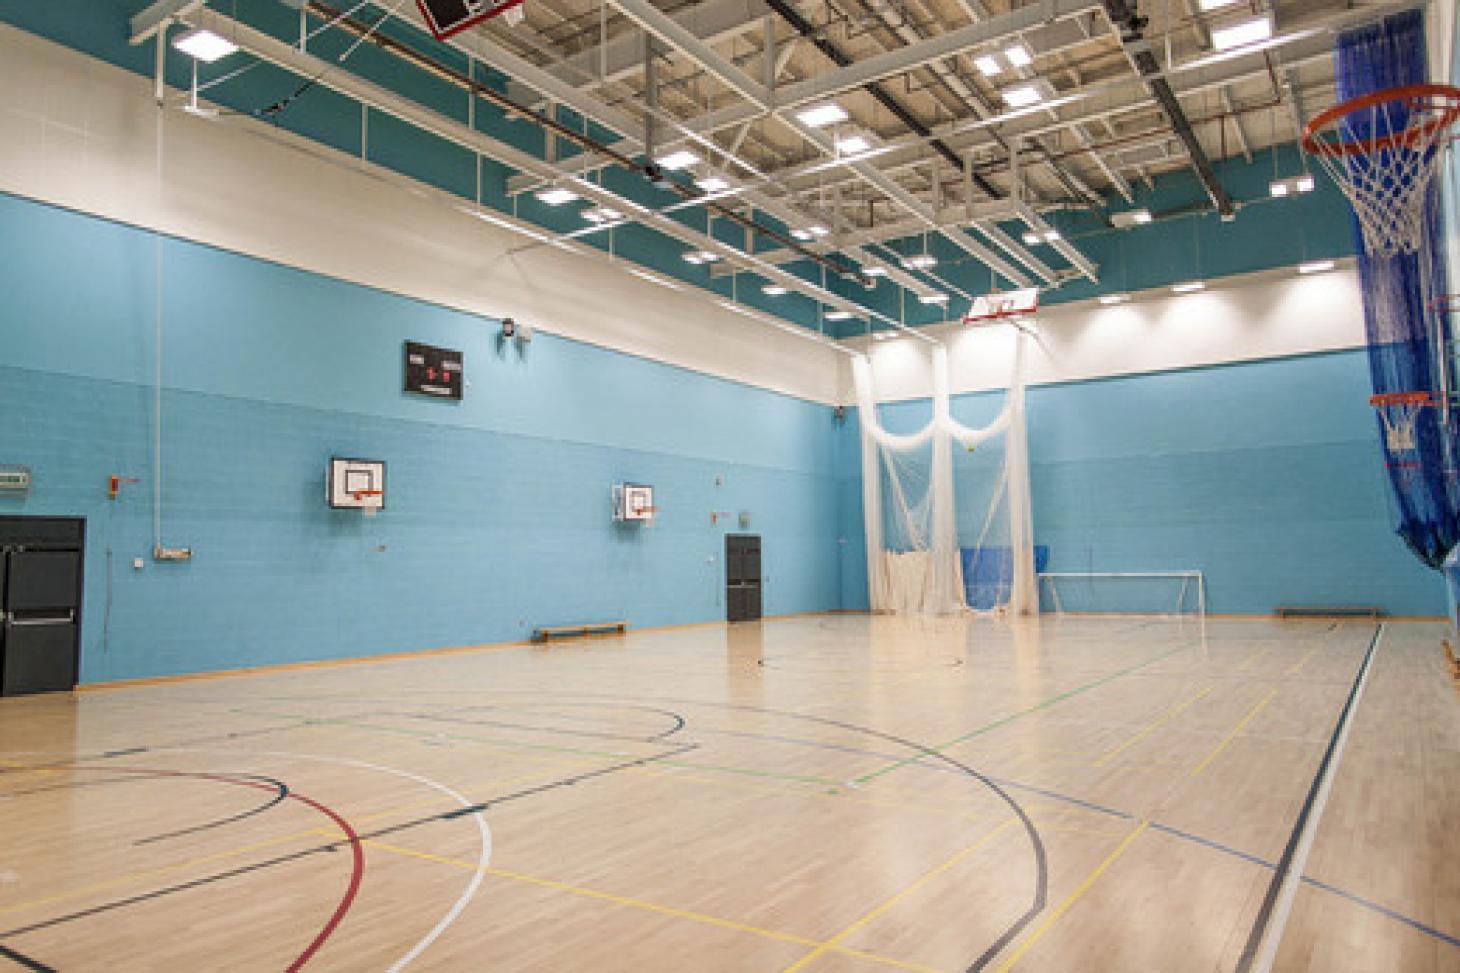 Droylsden Academy Indoor basketball court